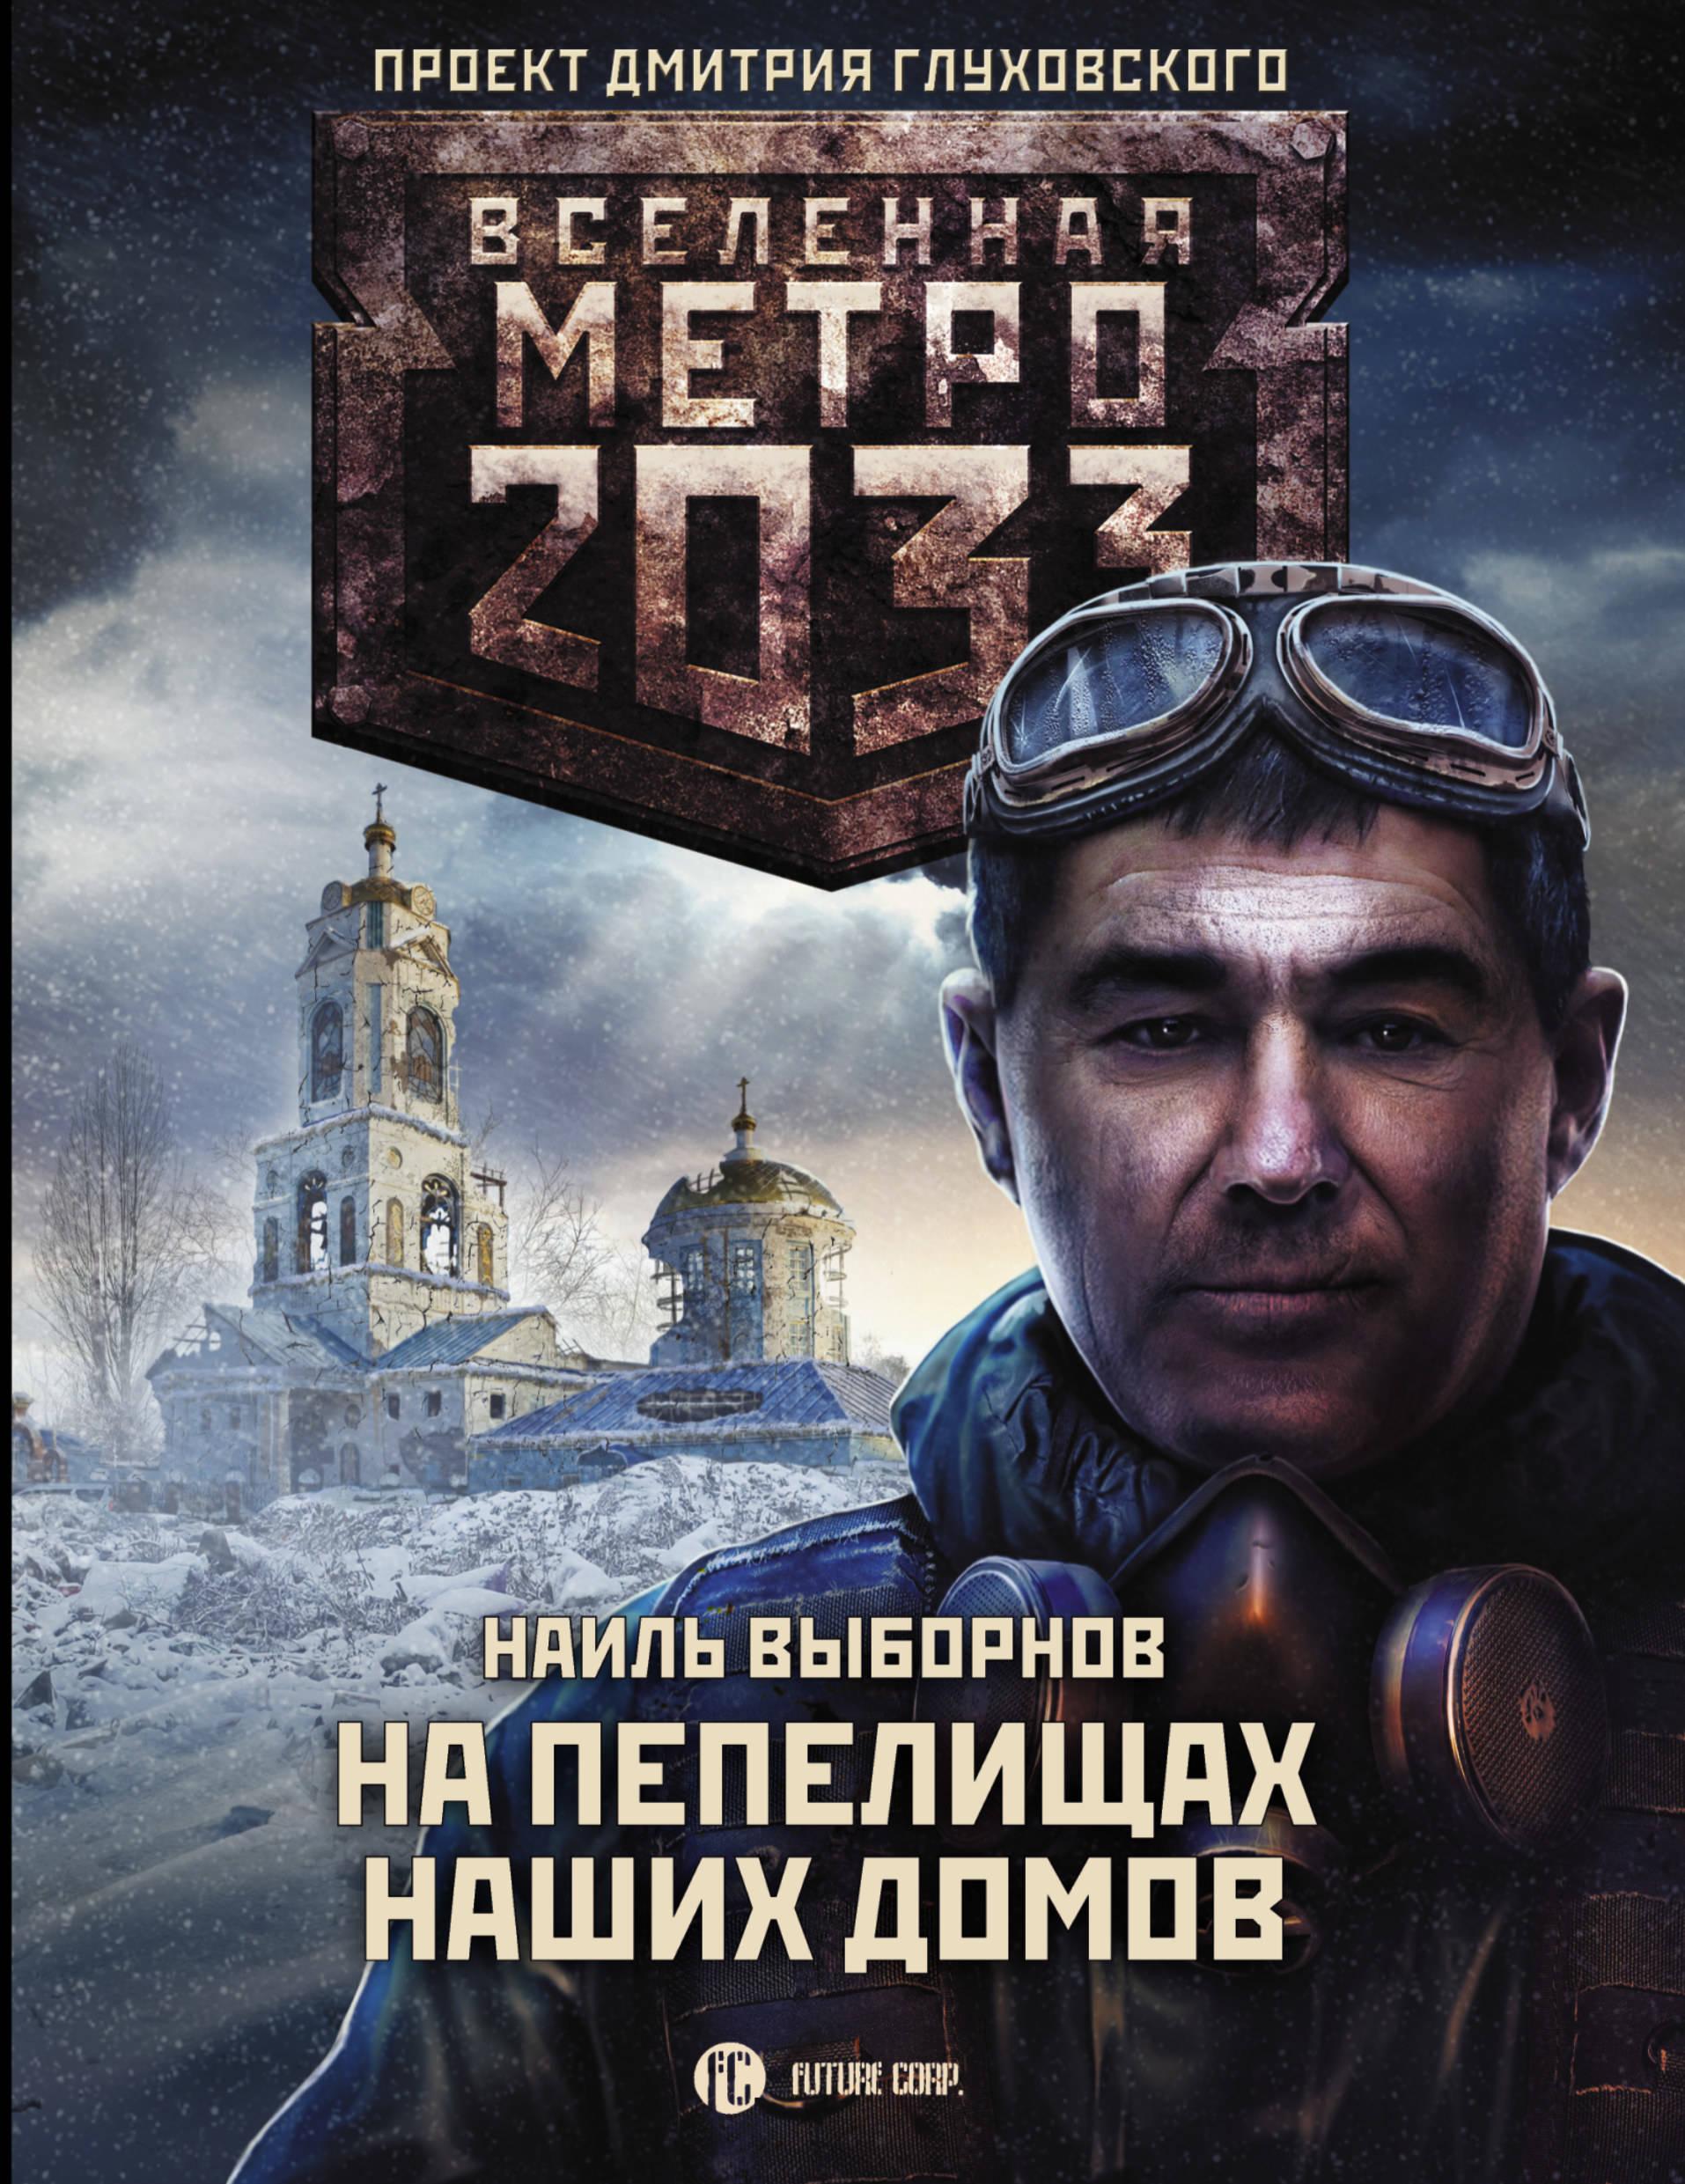 Metro 2033: Na pepelischakh nashikh domov